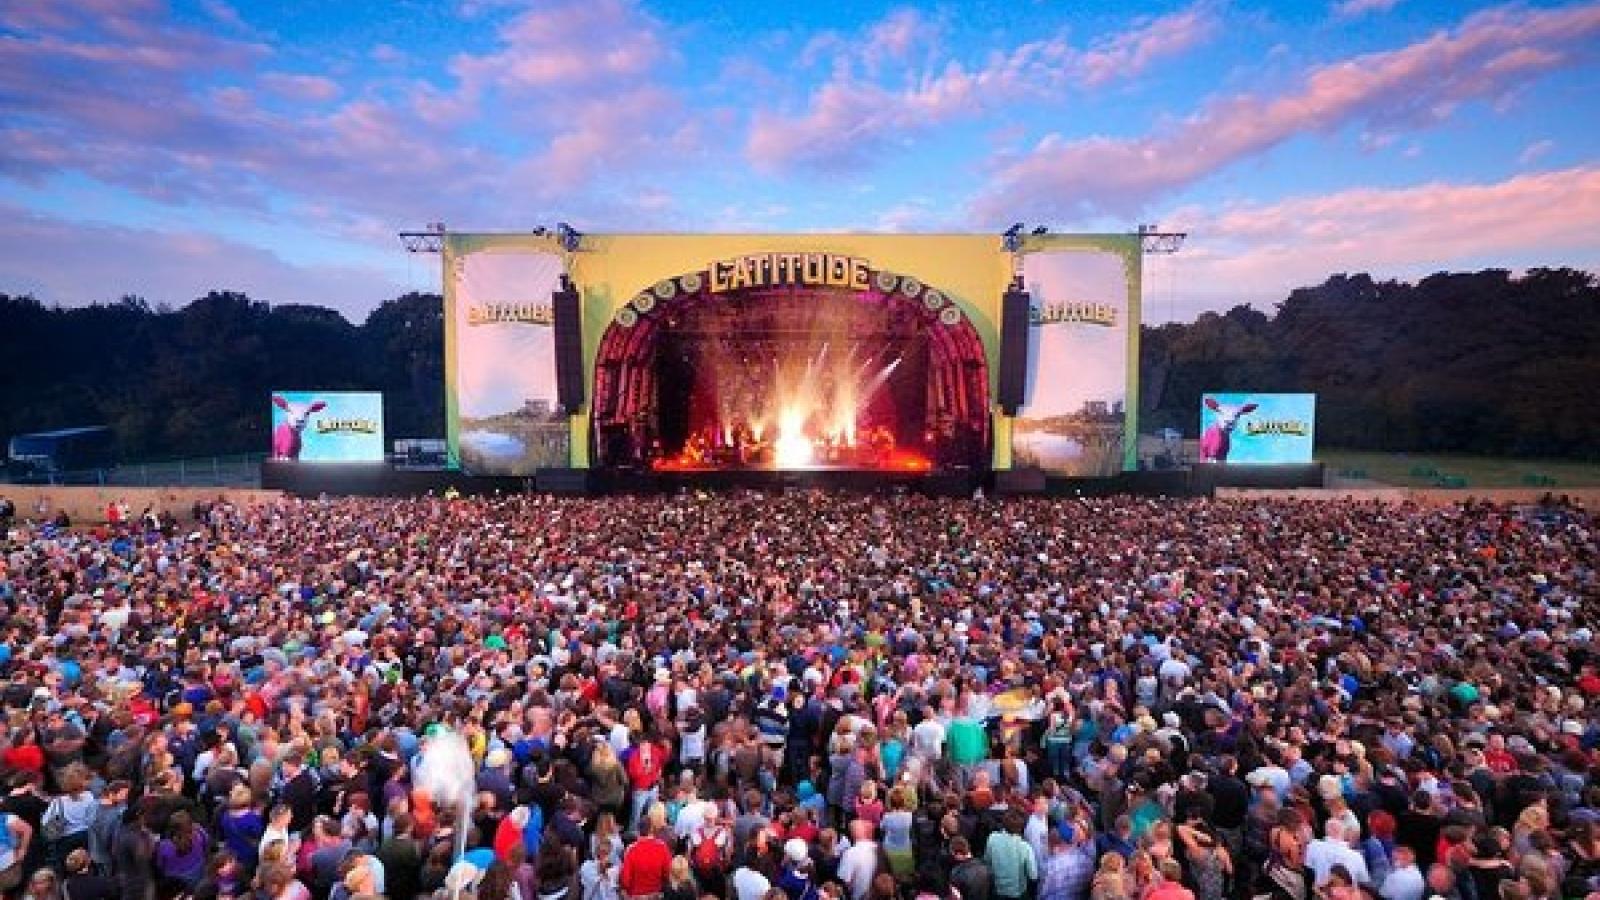 Anh tổ chức thí điểm lễ hội âm nhạc cho hàng ngàn người sau nới lỏng giãn cách